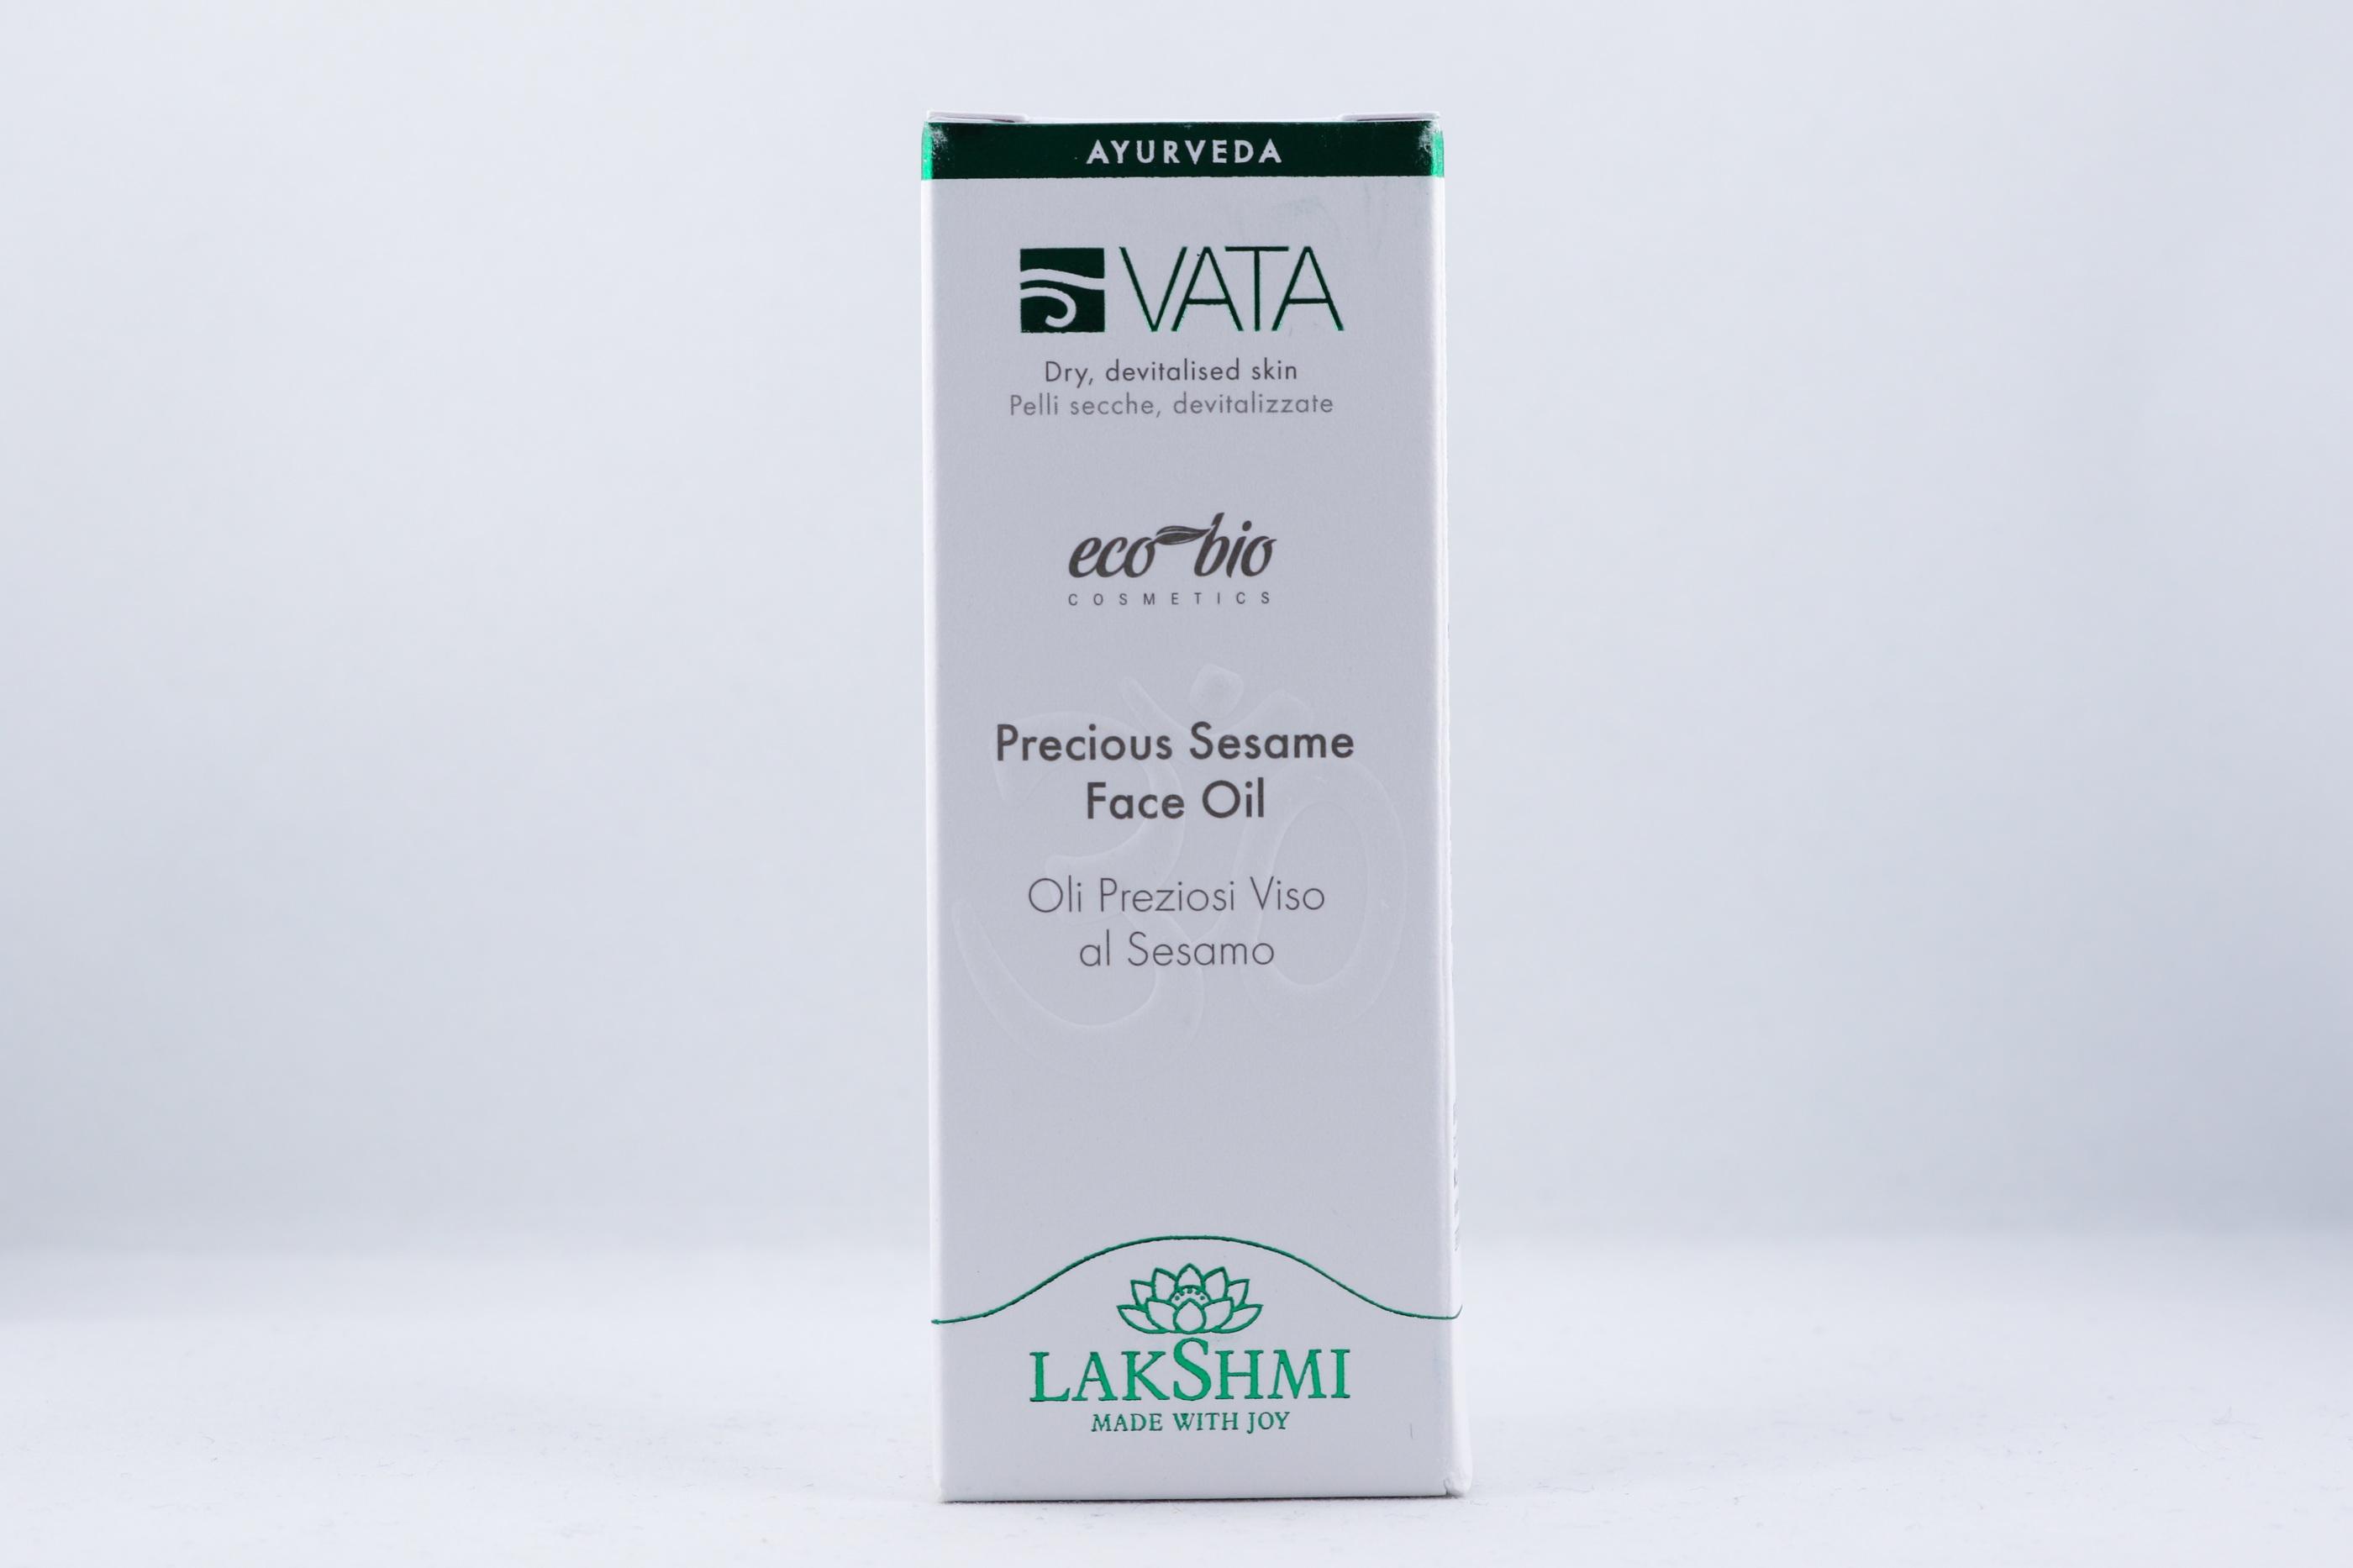 Vata Precious Sesame Face Oil hudvårdsprodukt hudvårdstyp alternativ hälsa wellness ayurveda för män